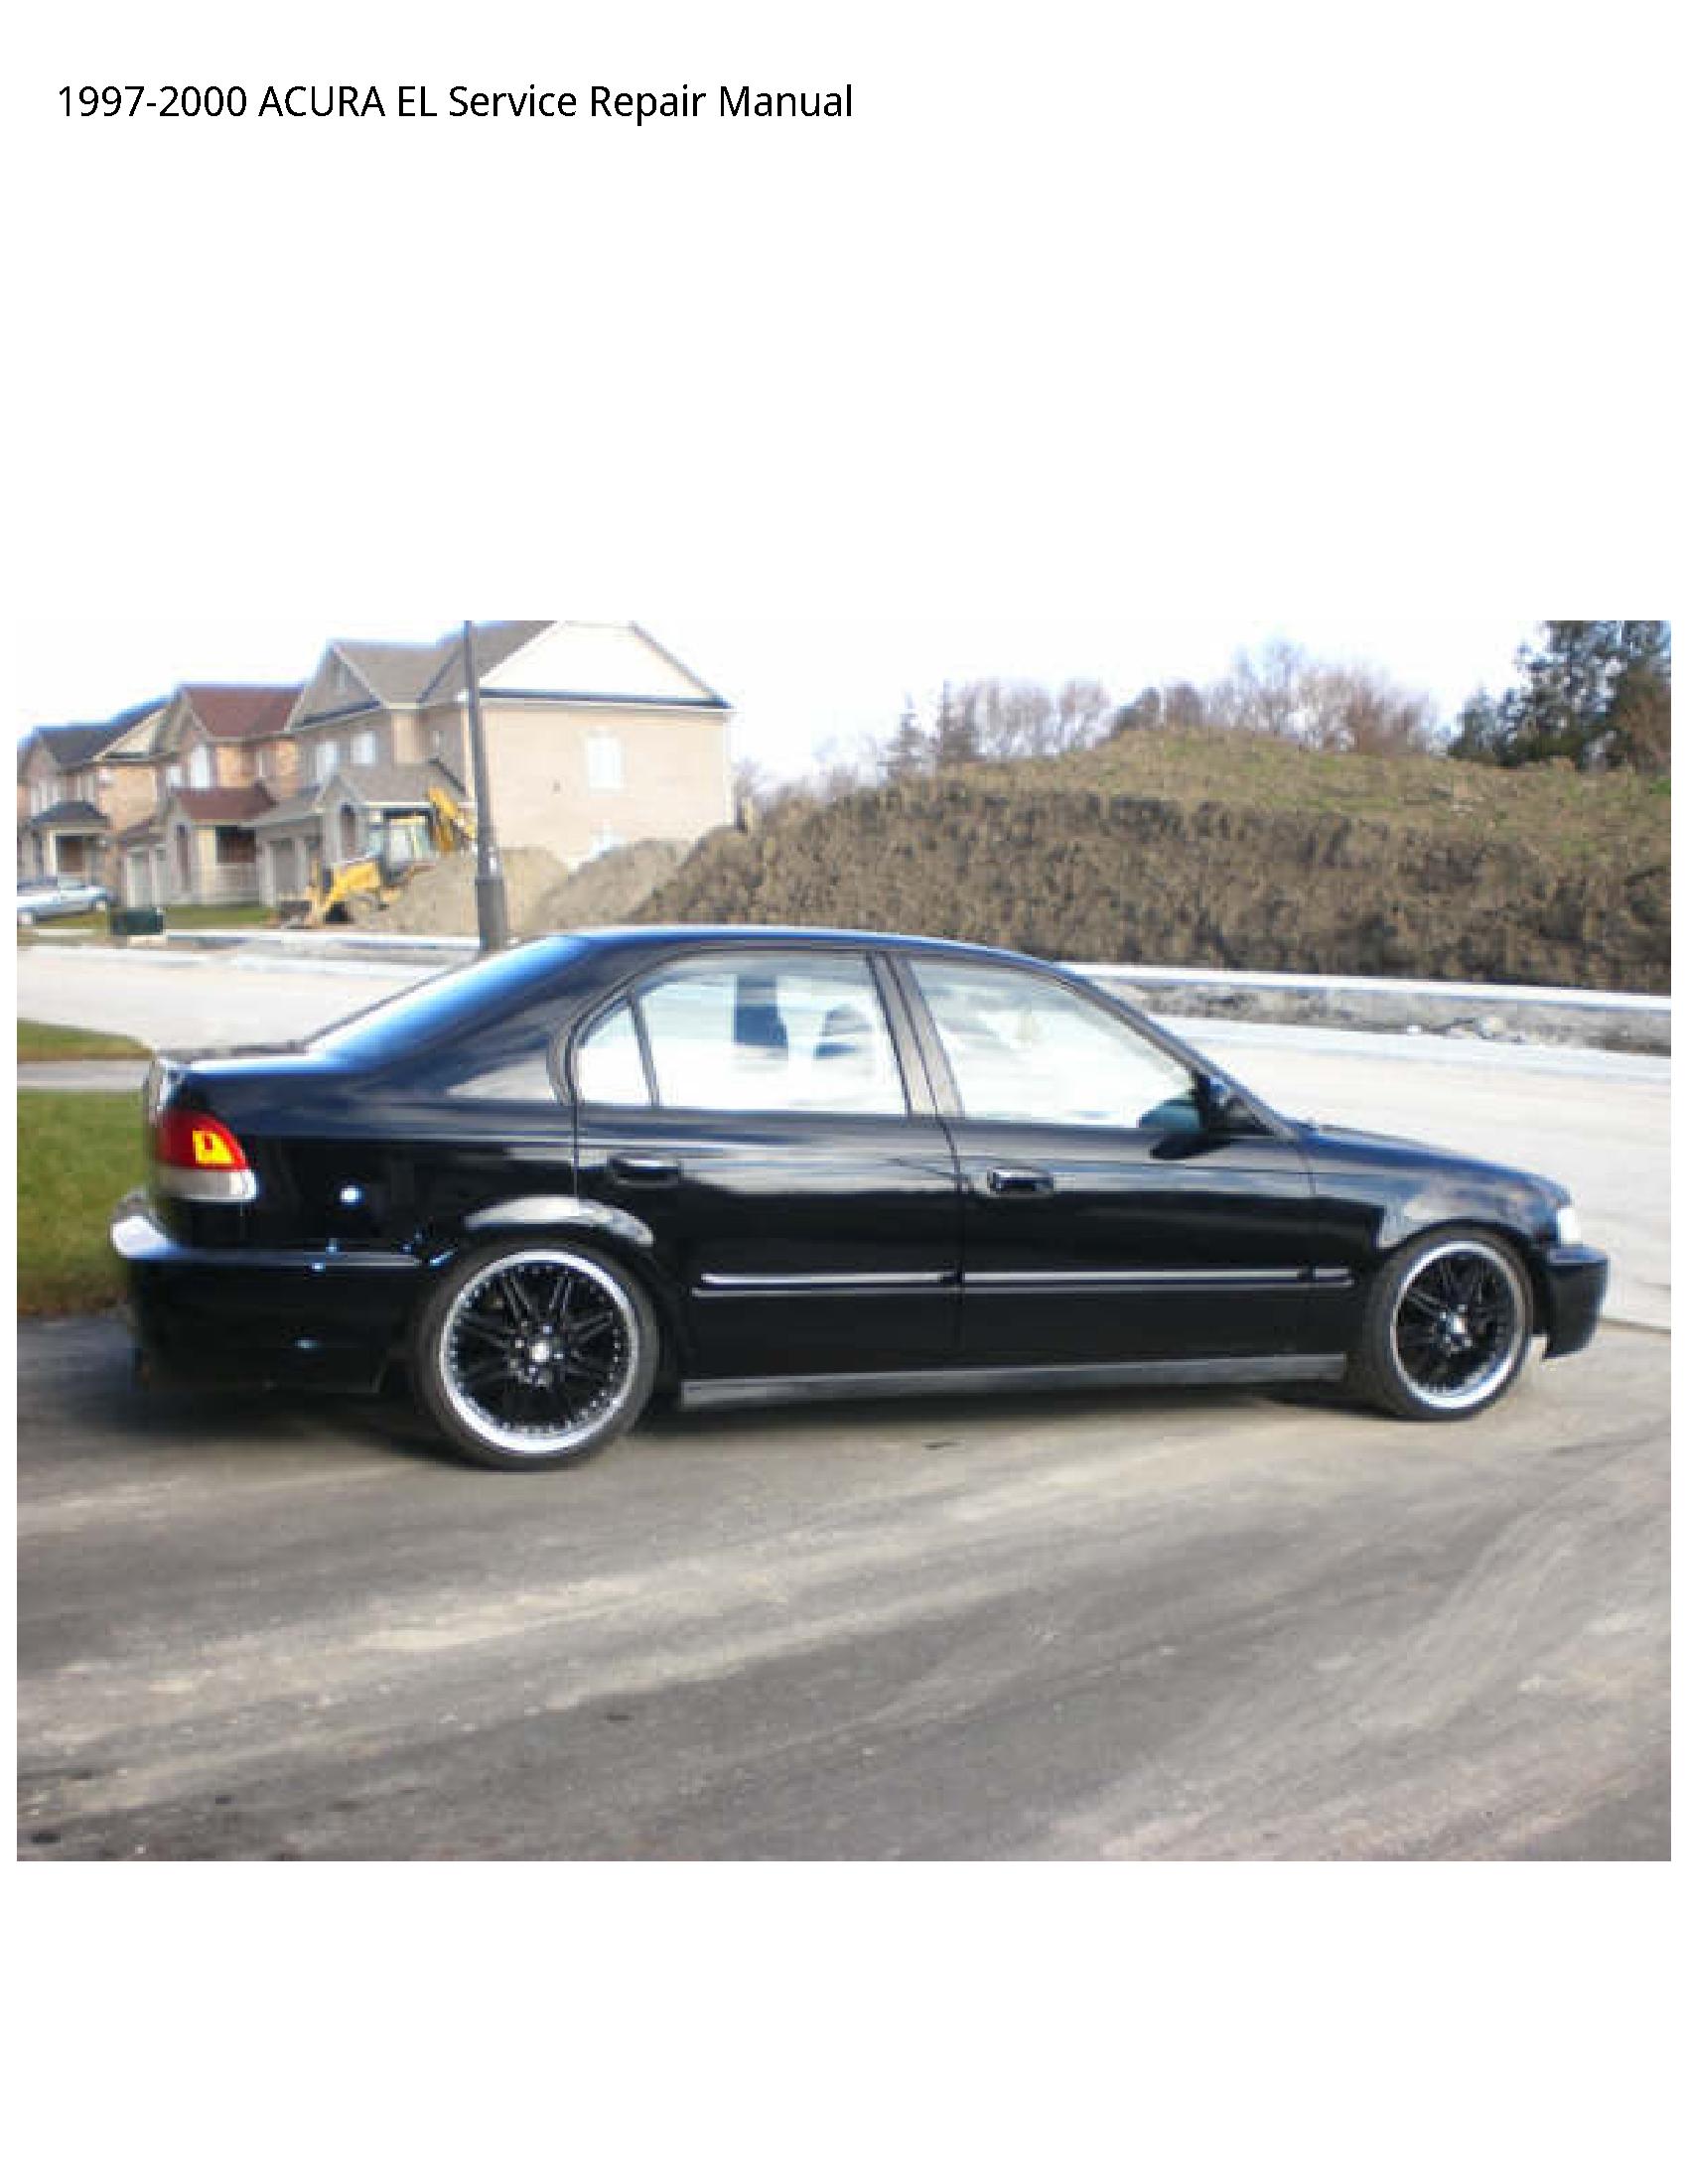 Acura EL manual